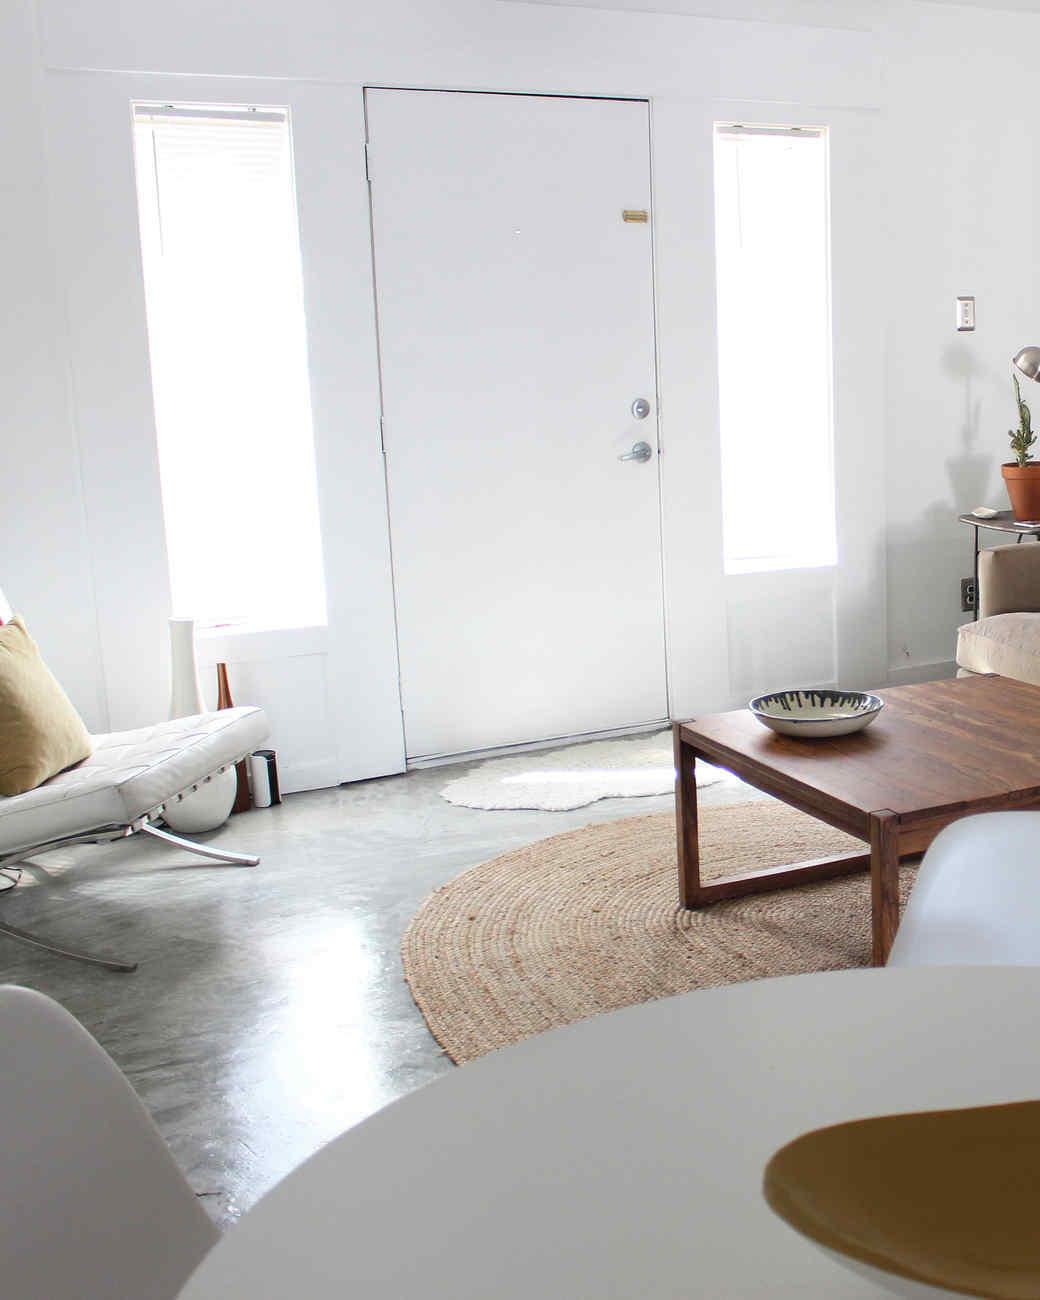 11-living-room-after.jpg